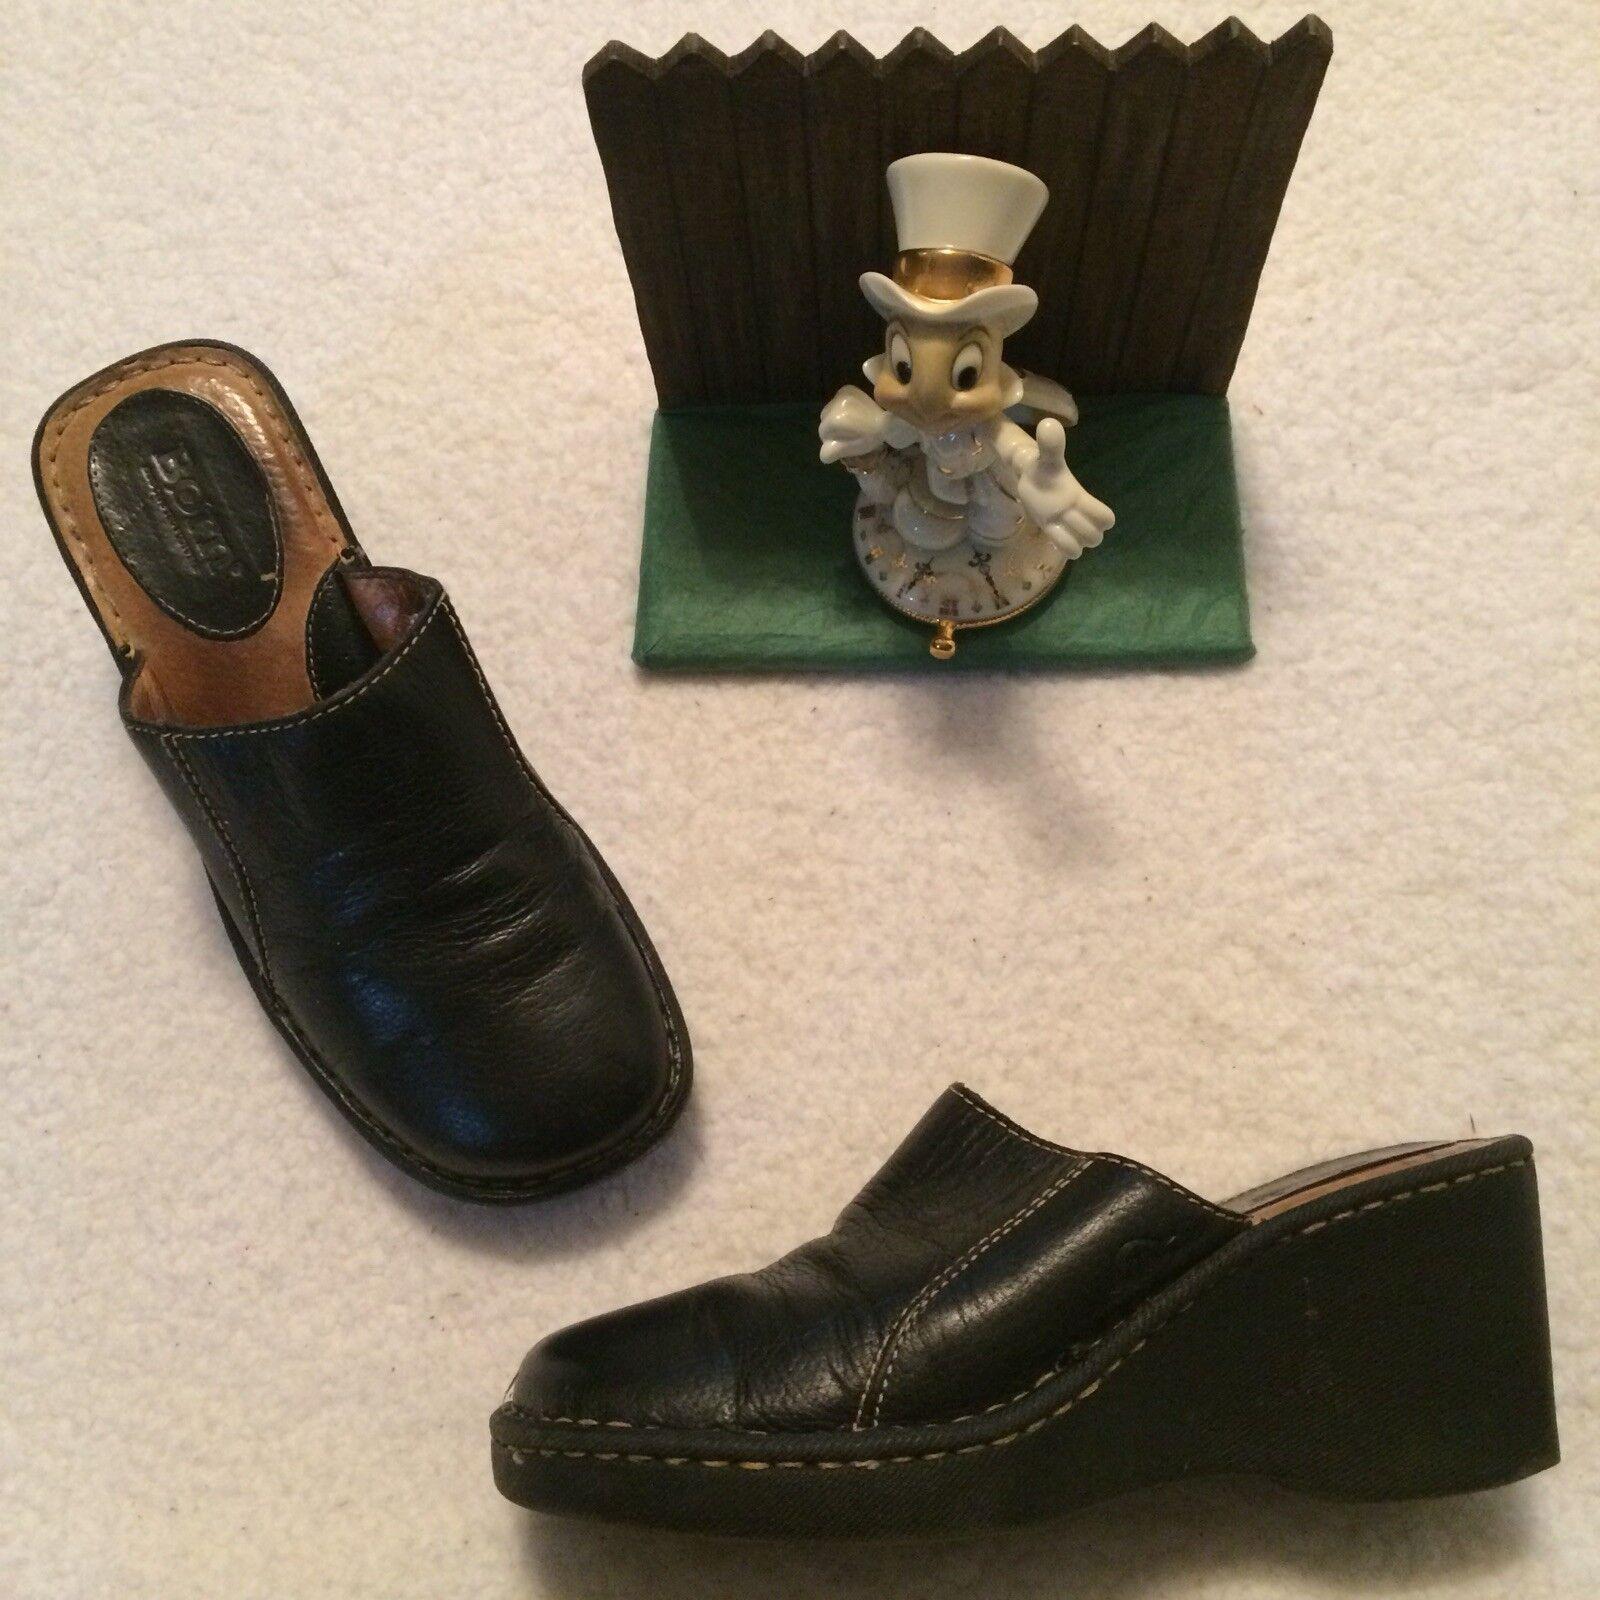 BORN Black Nubuck Leather Slip On Size 7 US 38 Euro Clog Mule shoes W3093 NICE